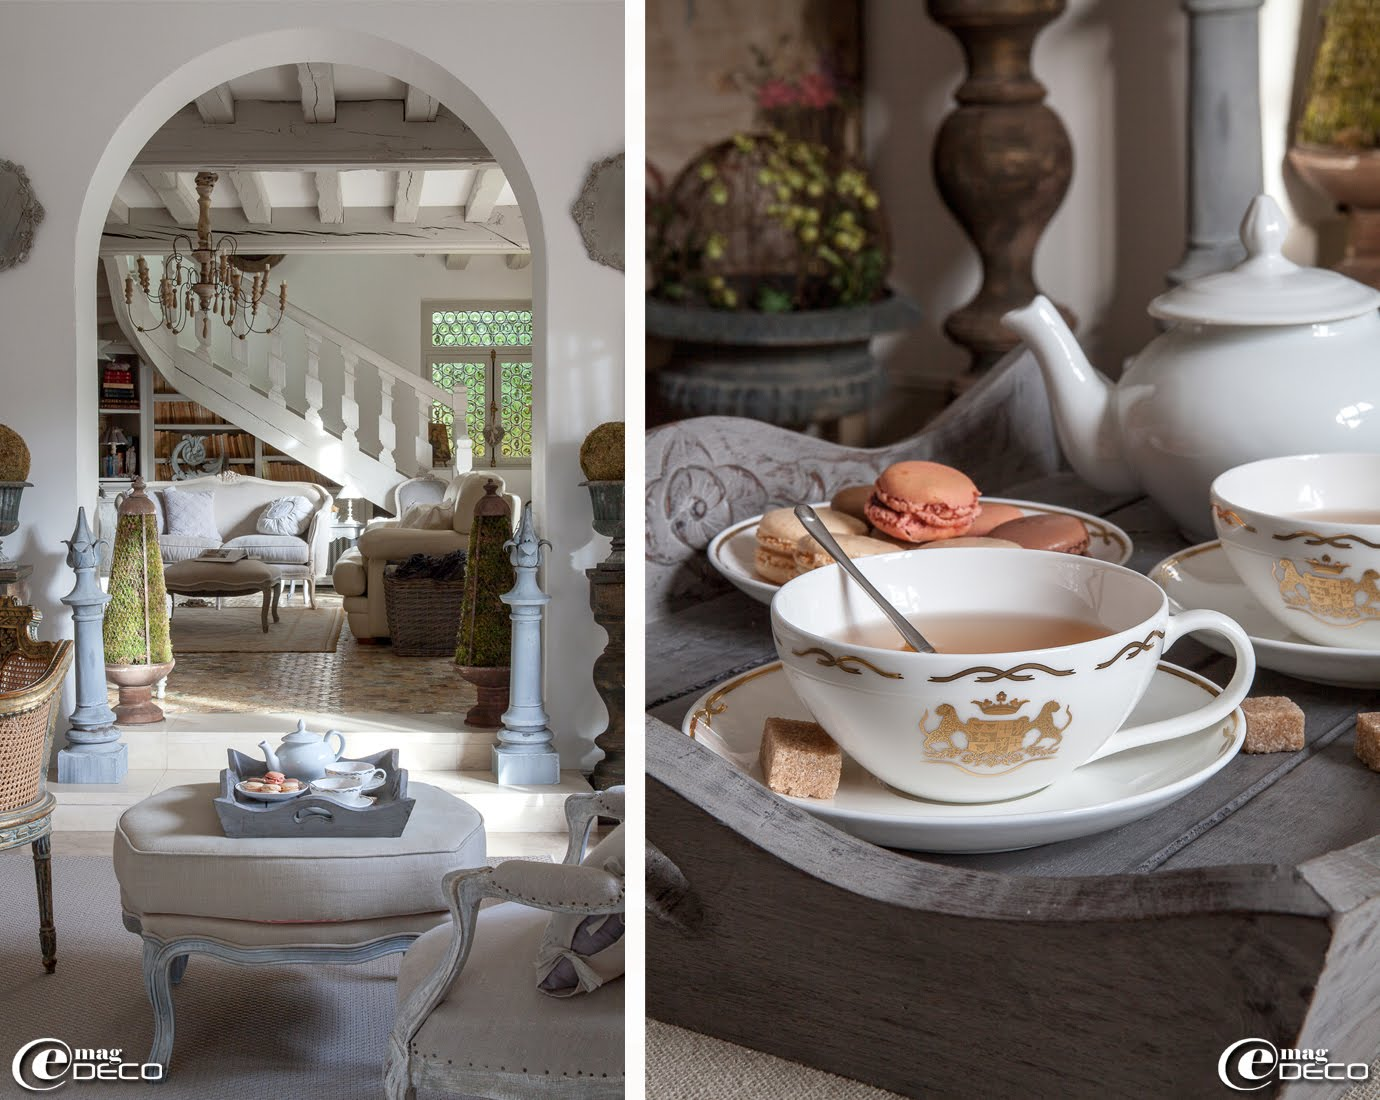 Tasses à thé 'Blason' éditées en 1000 exemplaires, fruit d'une collaboration entre Arielle Dombasle et 'Villeroy & Boch'